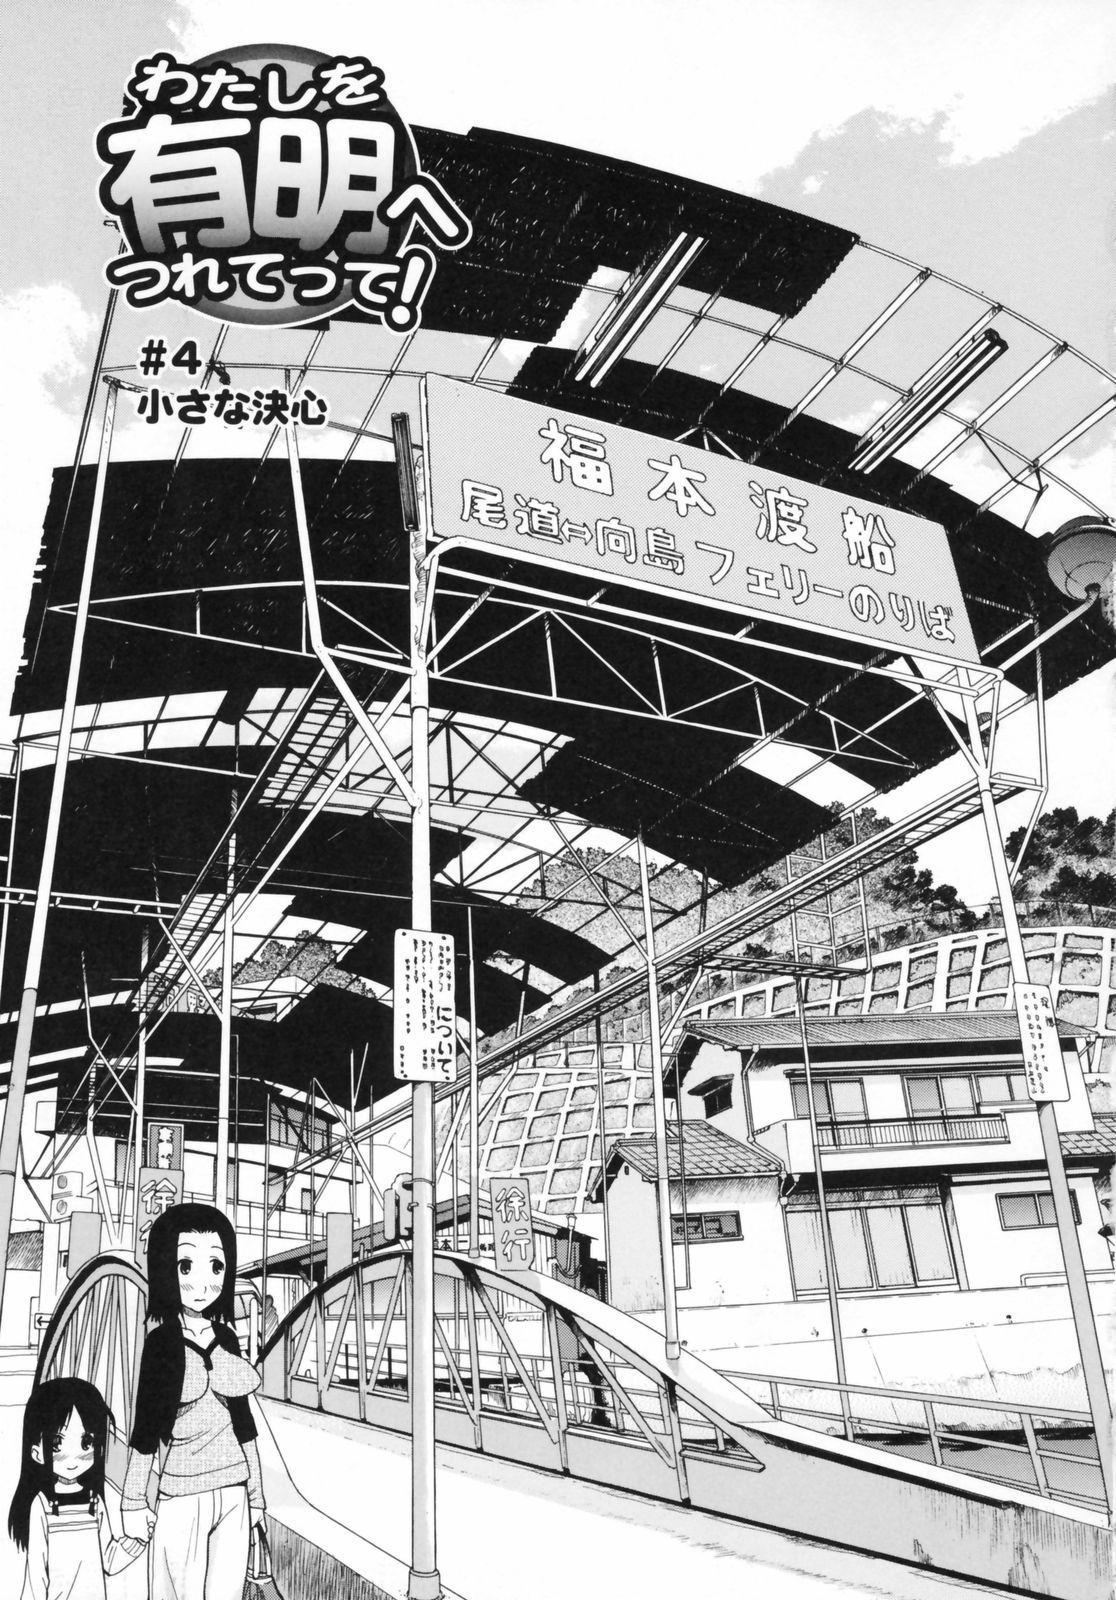 [Kamirenjaku Sanpei] Watashi o Ariake e Tsuretette! - Take me to Ariake! Ch. 1-4 [Chinese] [伍拾漢化] 50